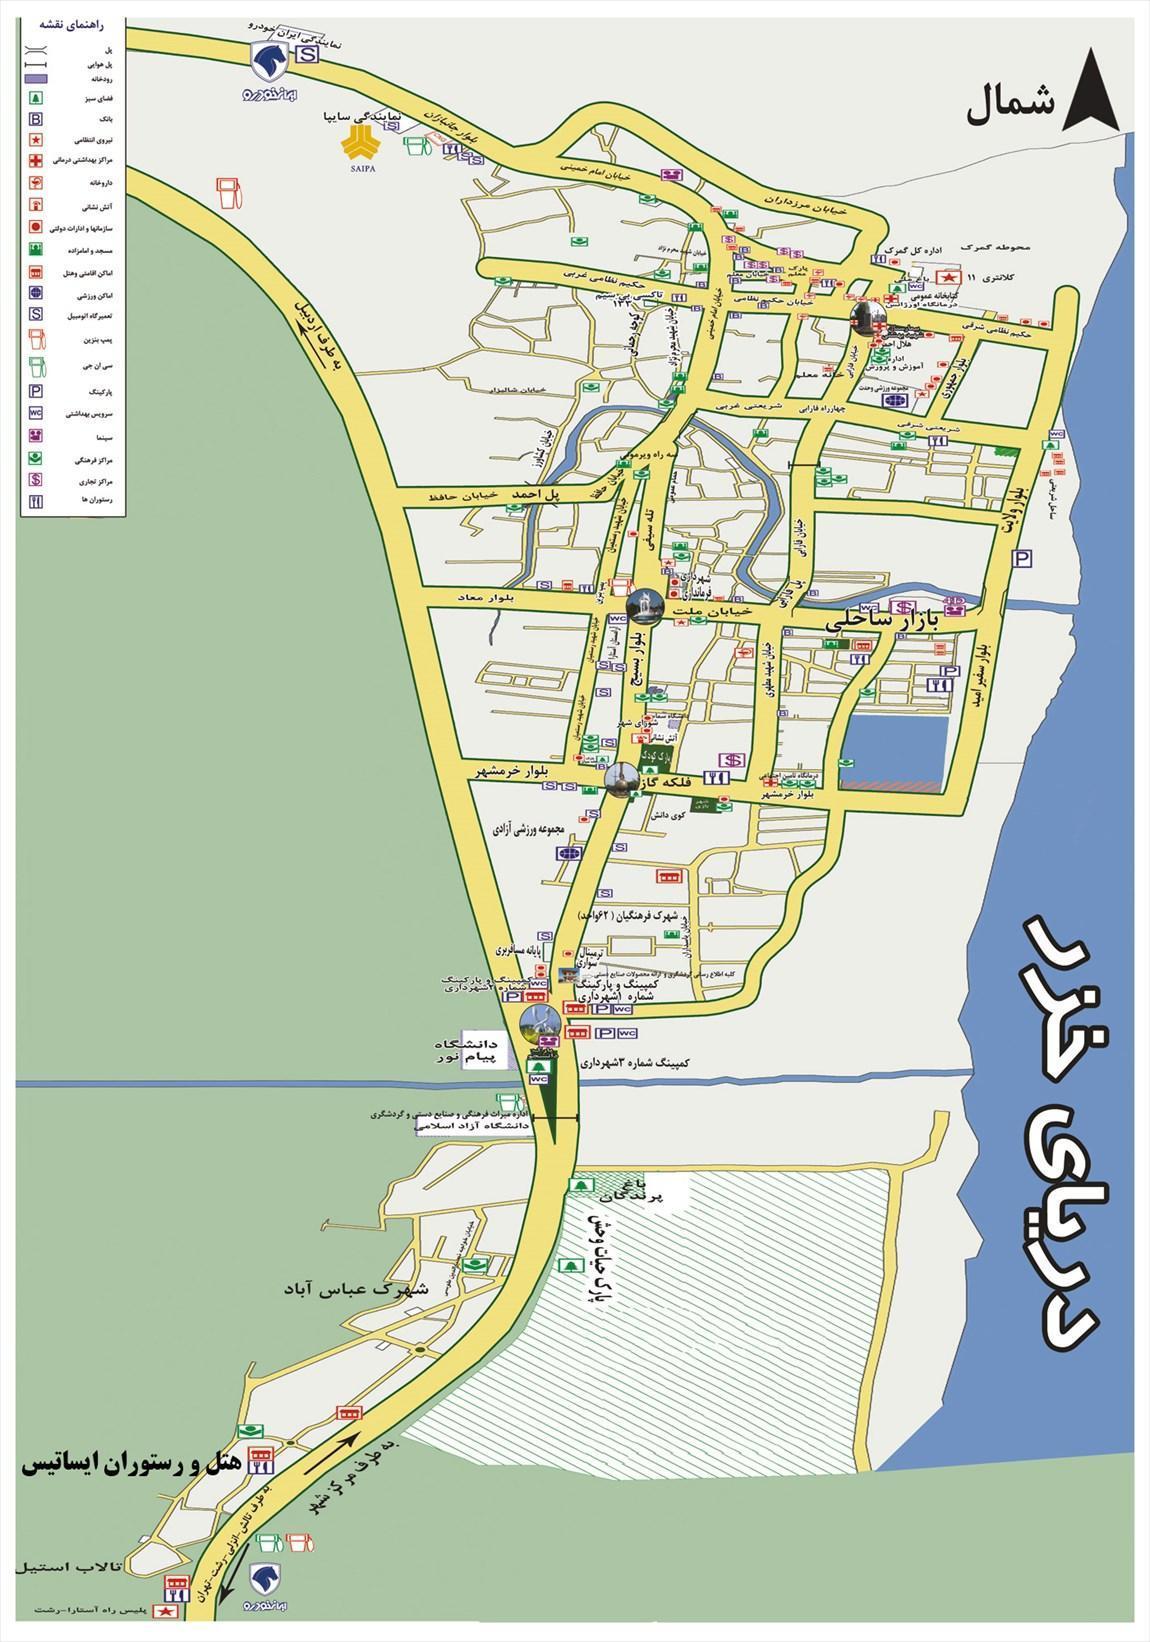 تاریخچه و نقشه جامع شهر آستارا در ویکی خبرنگاران